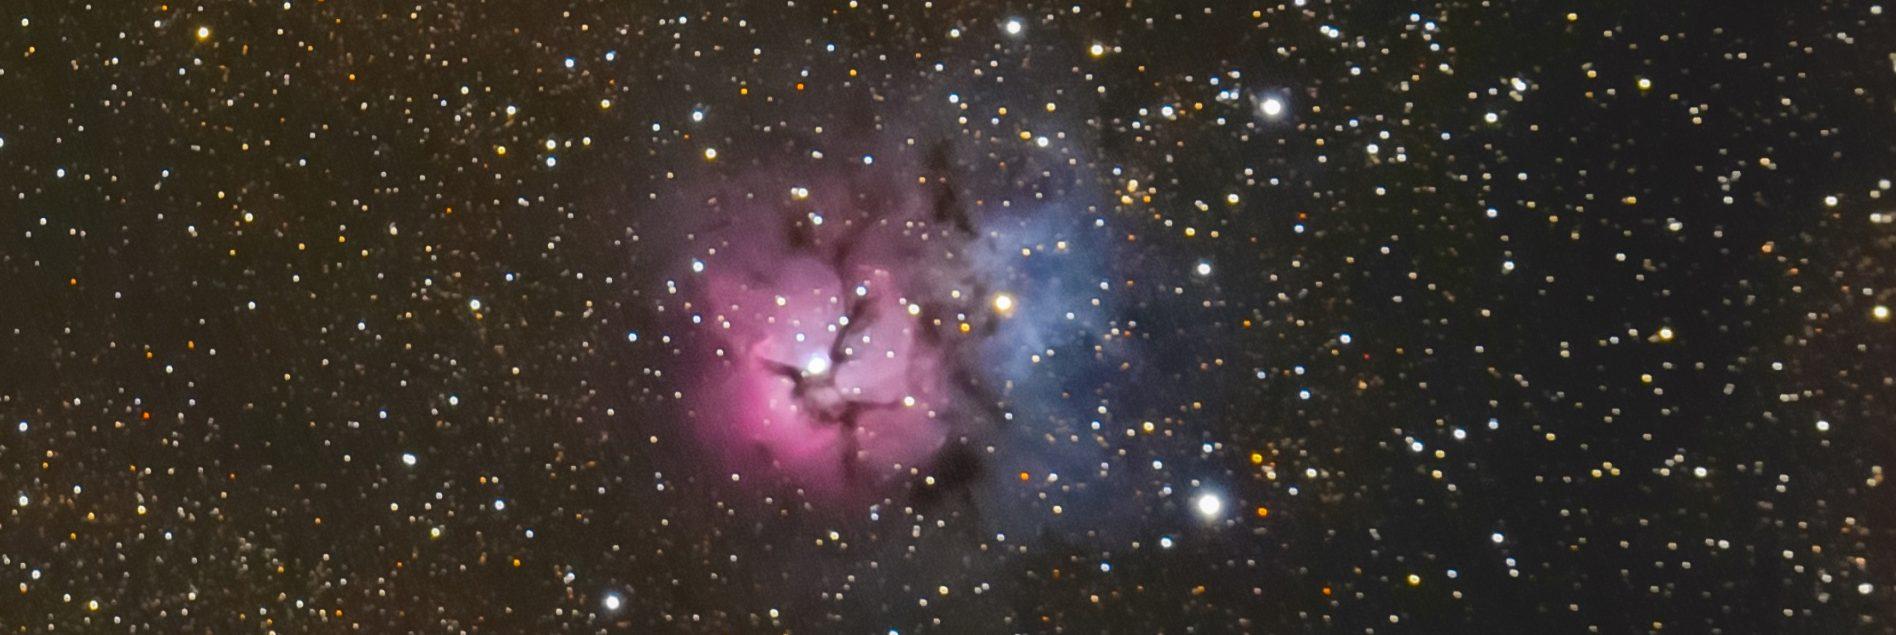 M20, la Nebulosa Trifida - Blue Journey